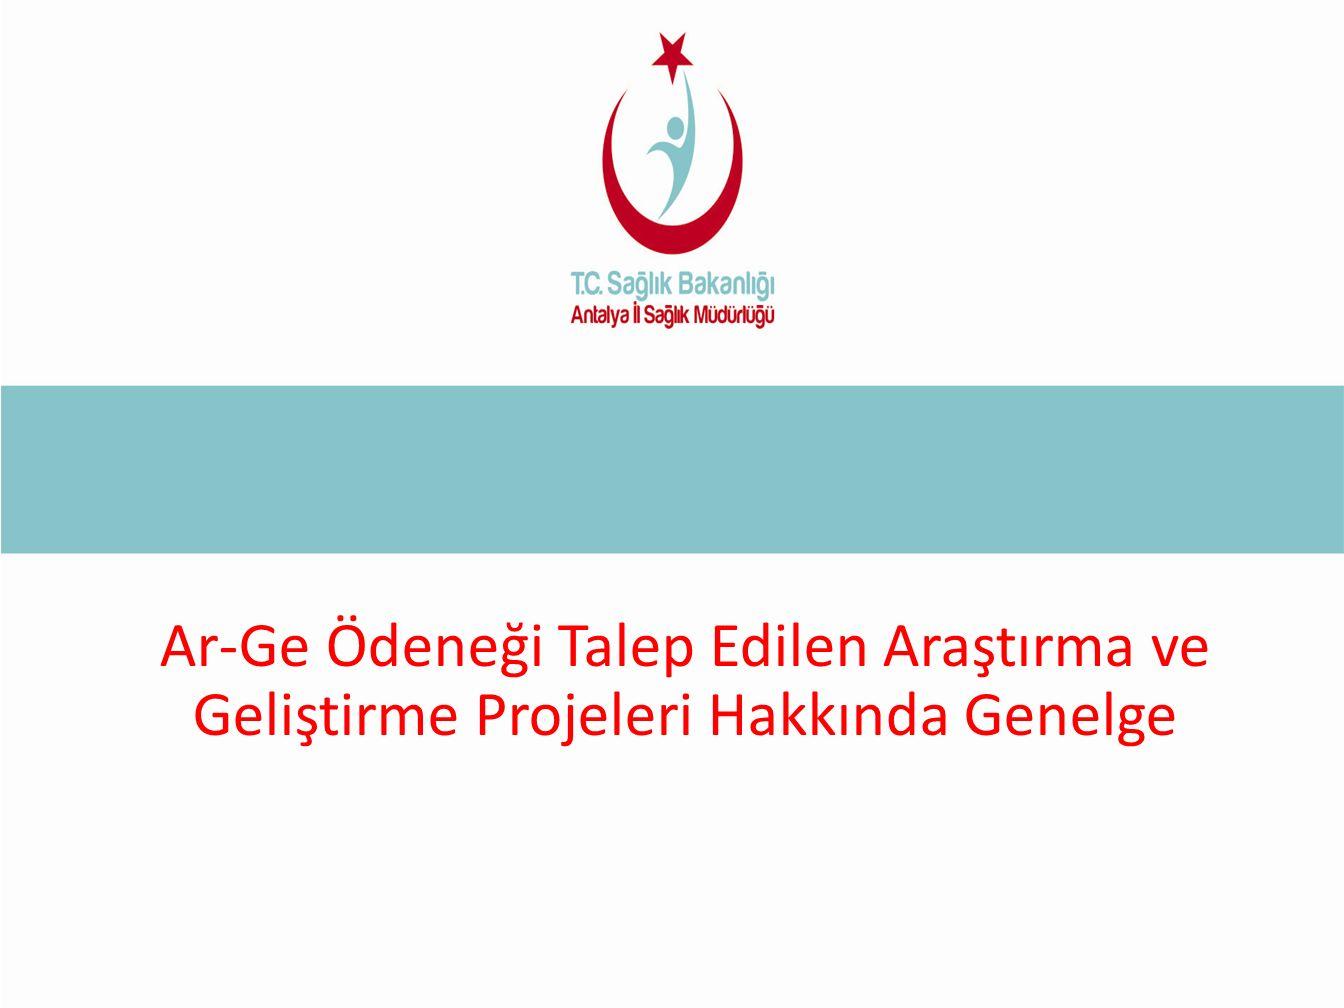 Ar-Ge Ödeneği Talep Edilen Araştırma ve Geliştirme Projeleri Hakkında Genelge